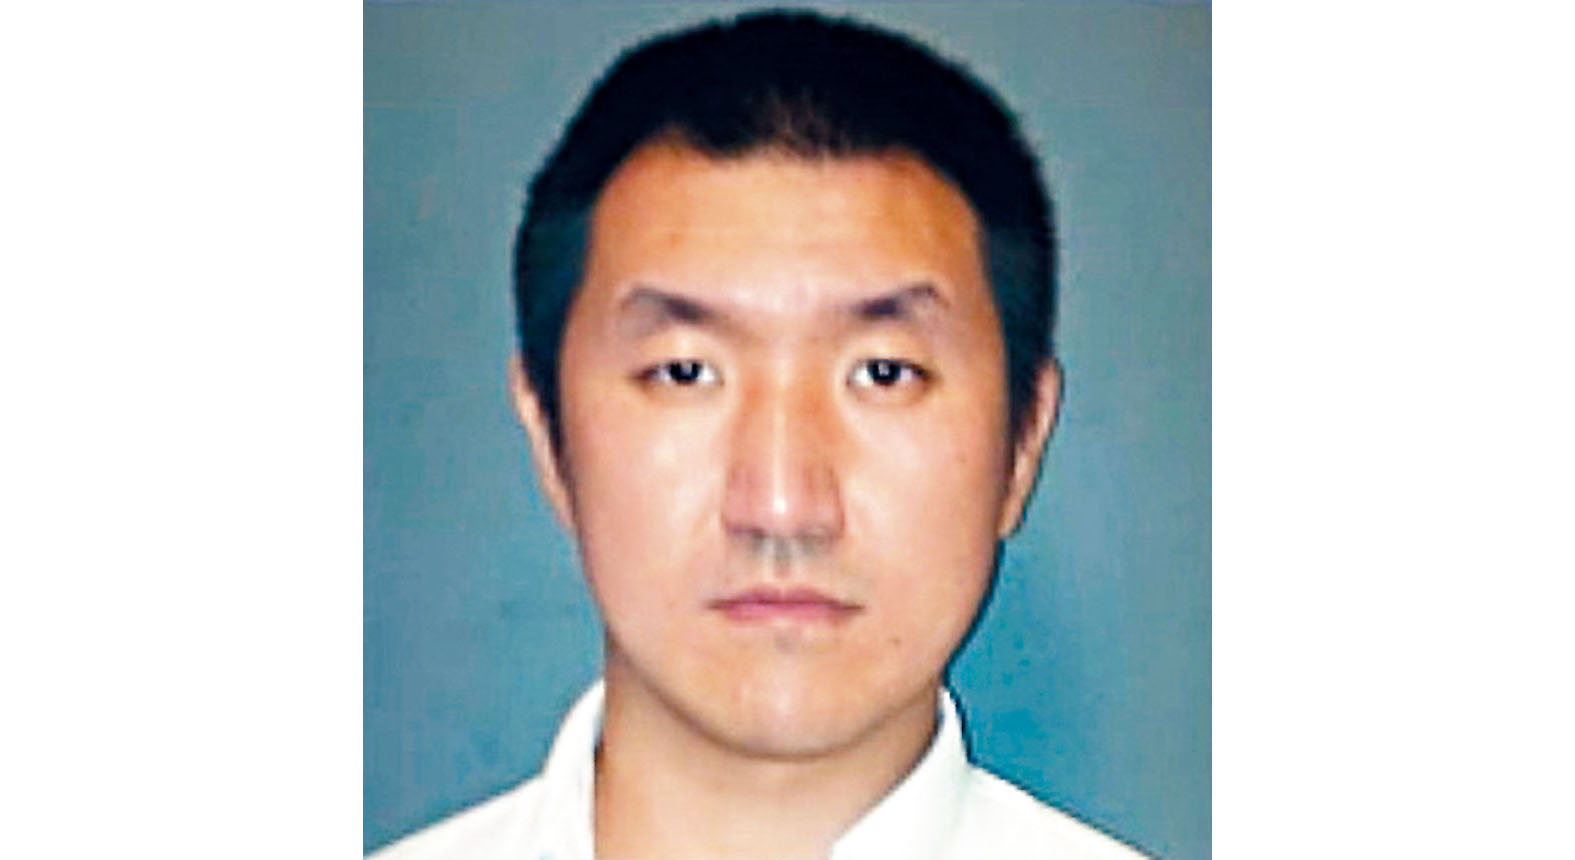 圖為董正(Zheng Dong,音譯)。資料圖片